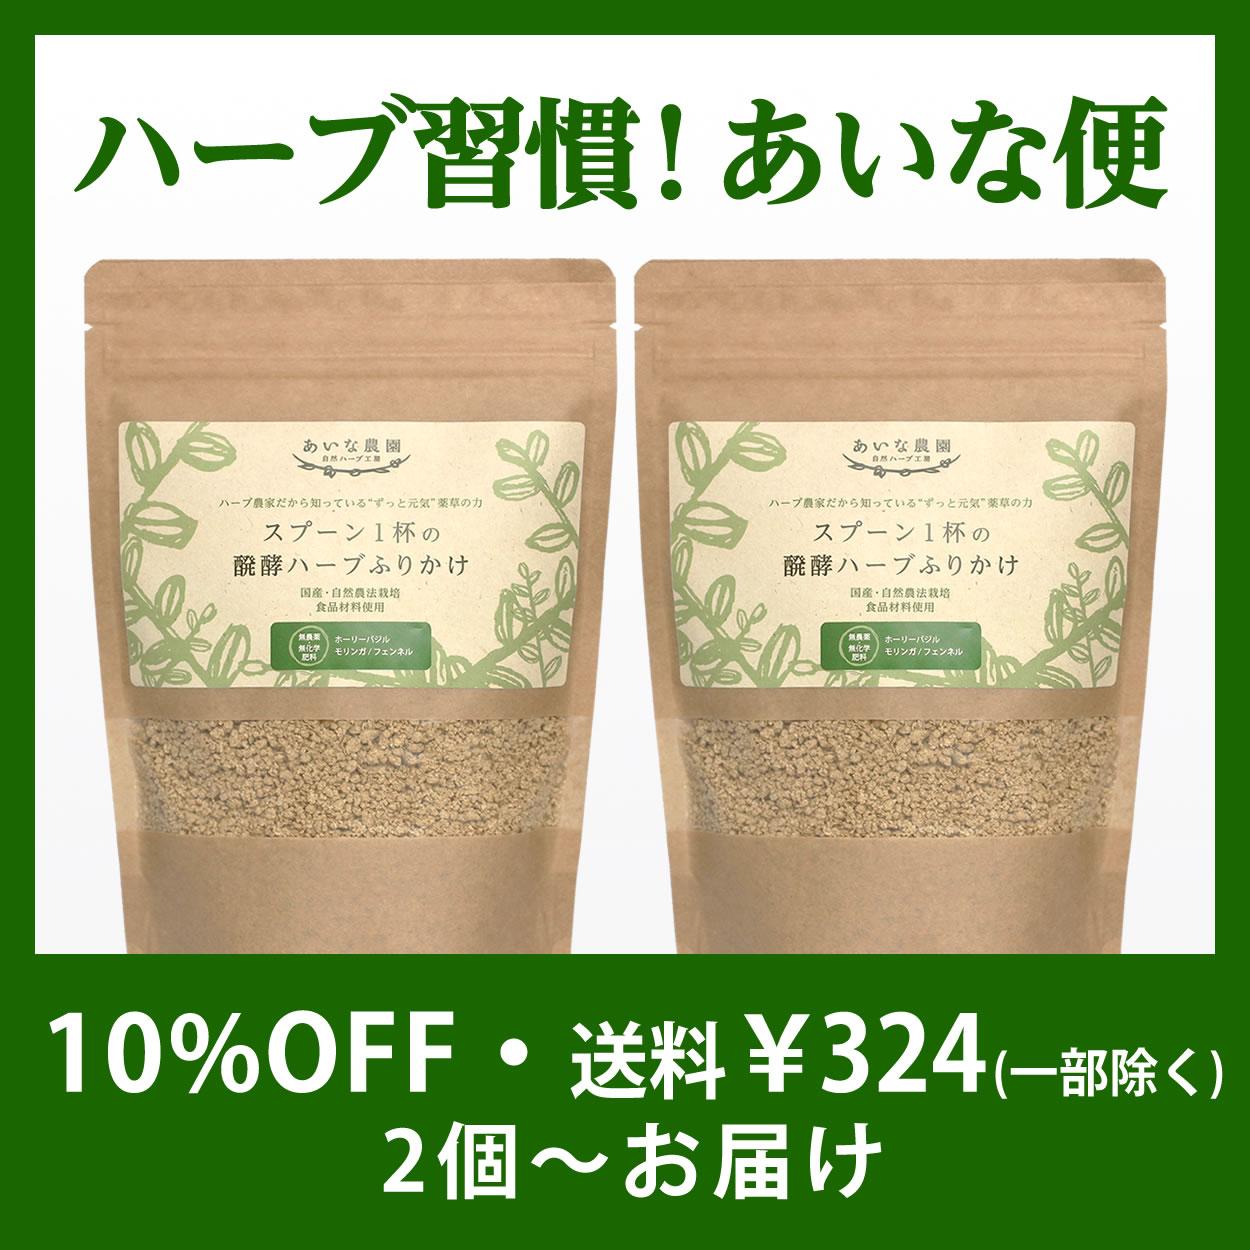 〔あいな便〕 ※送料¥324(一部除く)  健康維持 《200g》